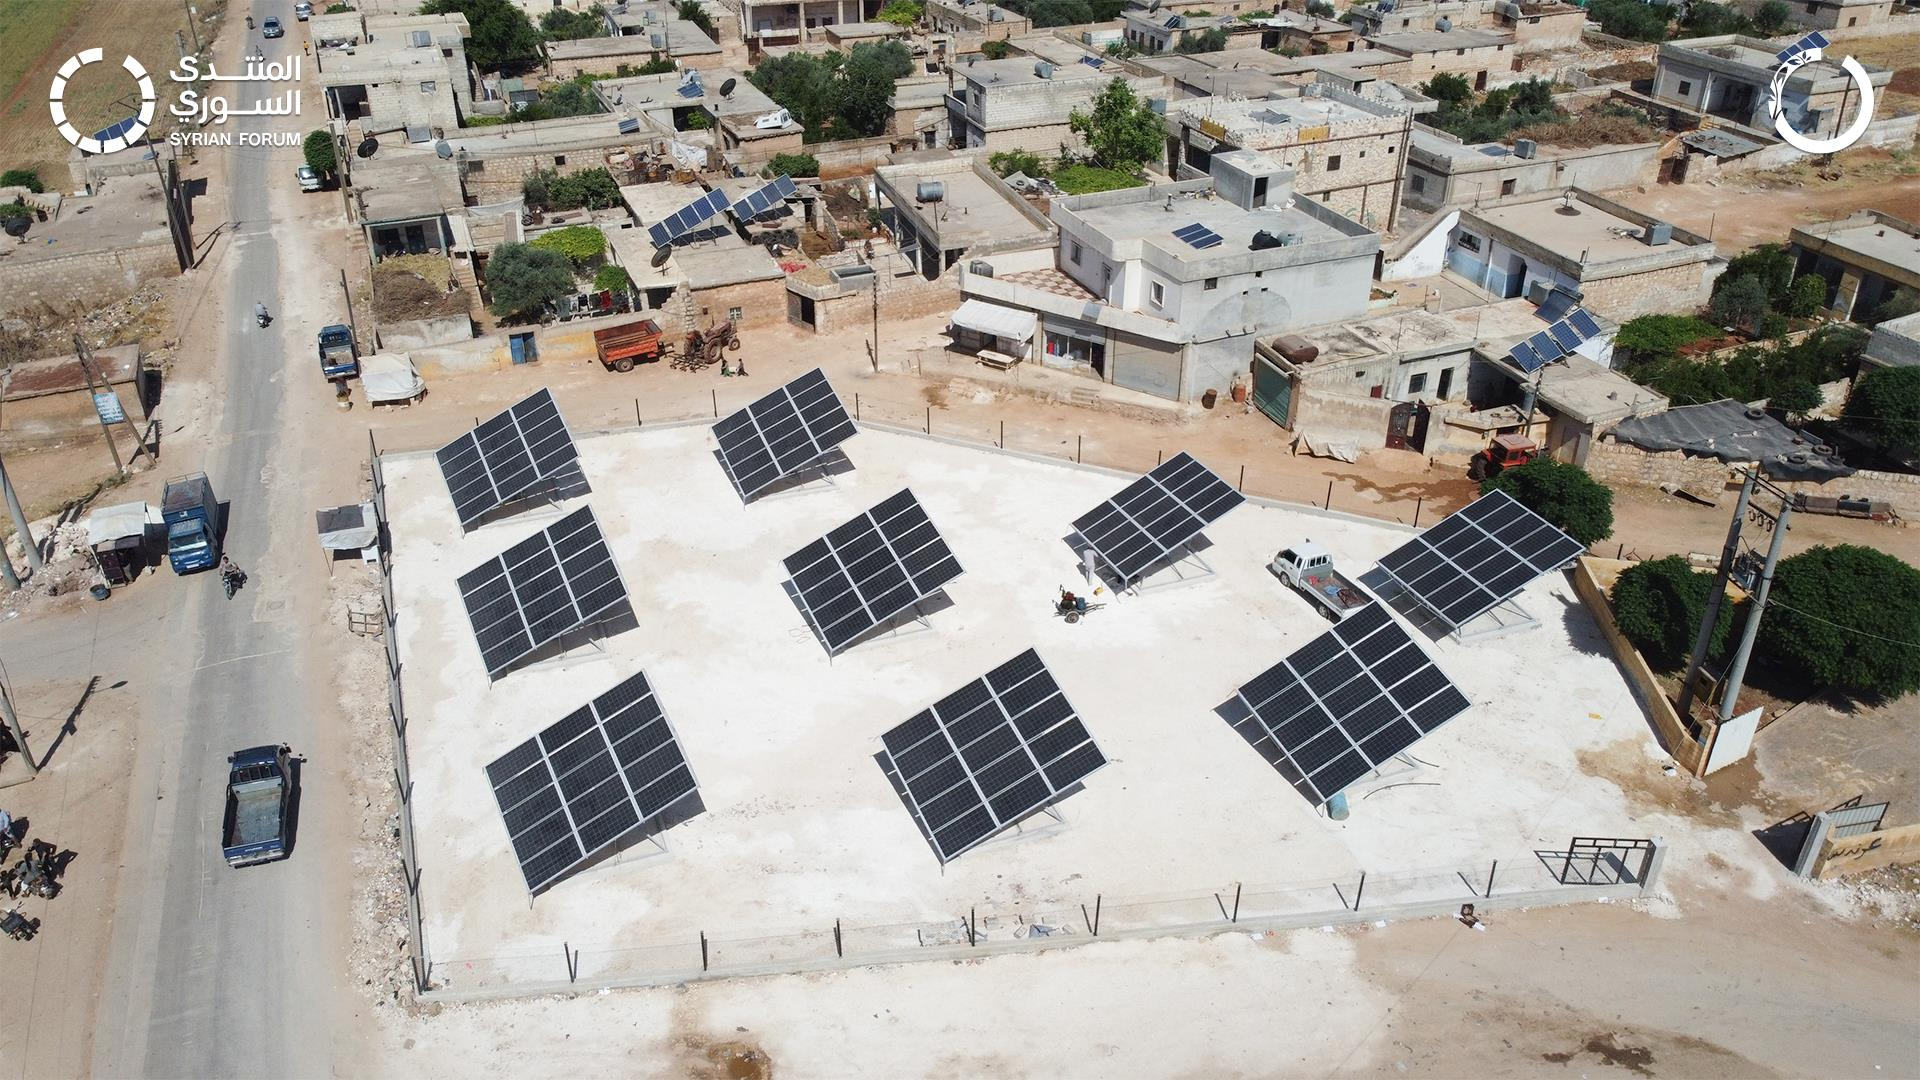 إعادة تأهيل النظام المائي في بلدة كفر ناصح